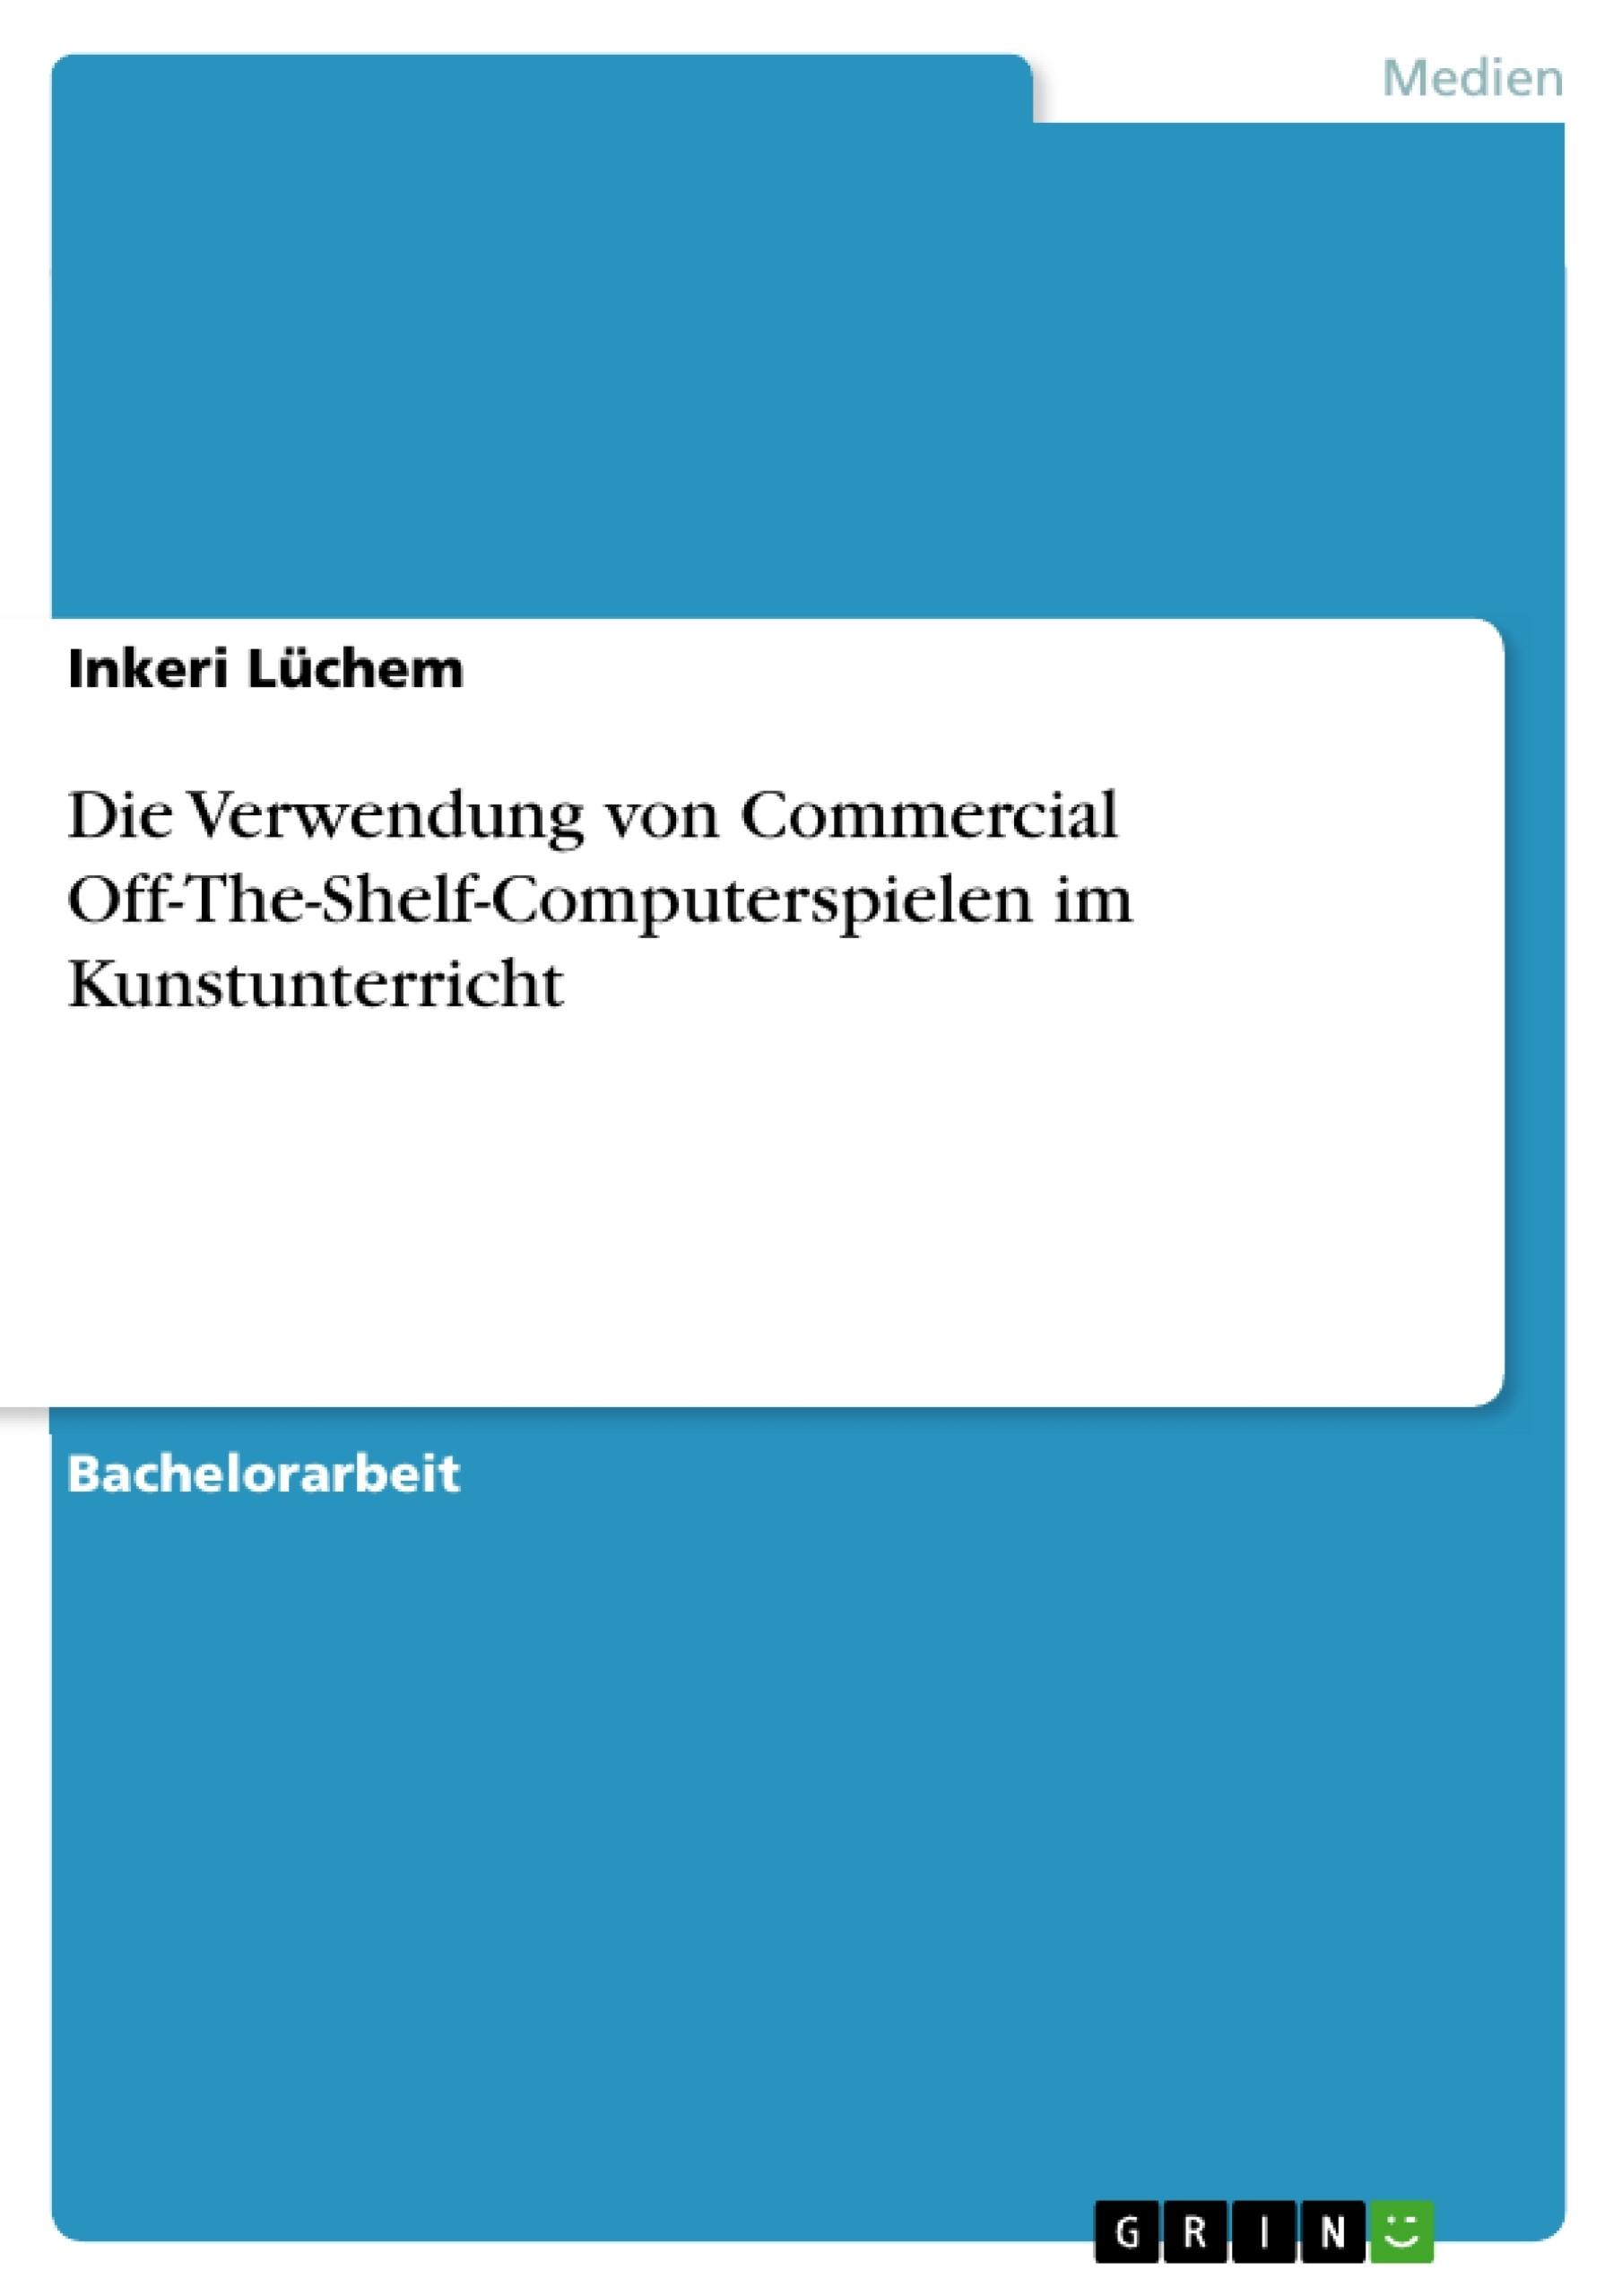 Titel: Die Verwendung von Commercial Off-The-Shelf-Computerspielen im Kunstunterricht